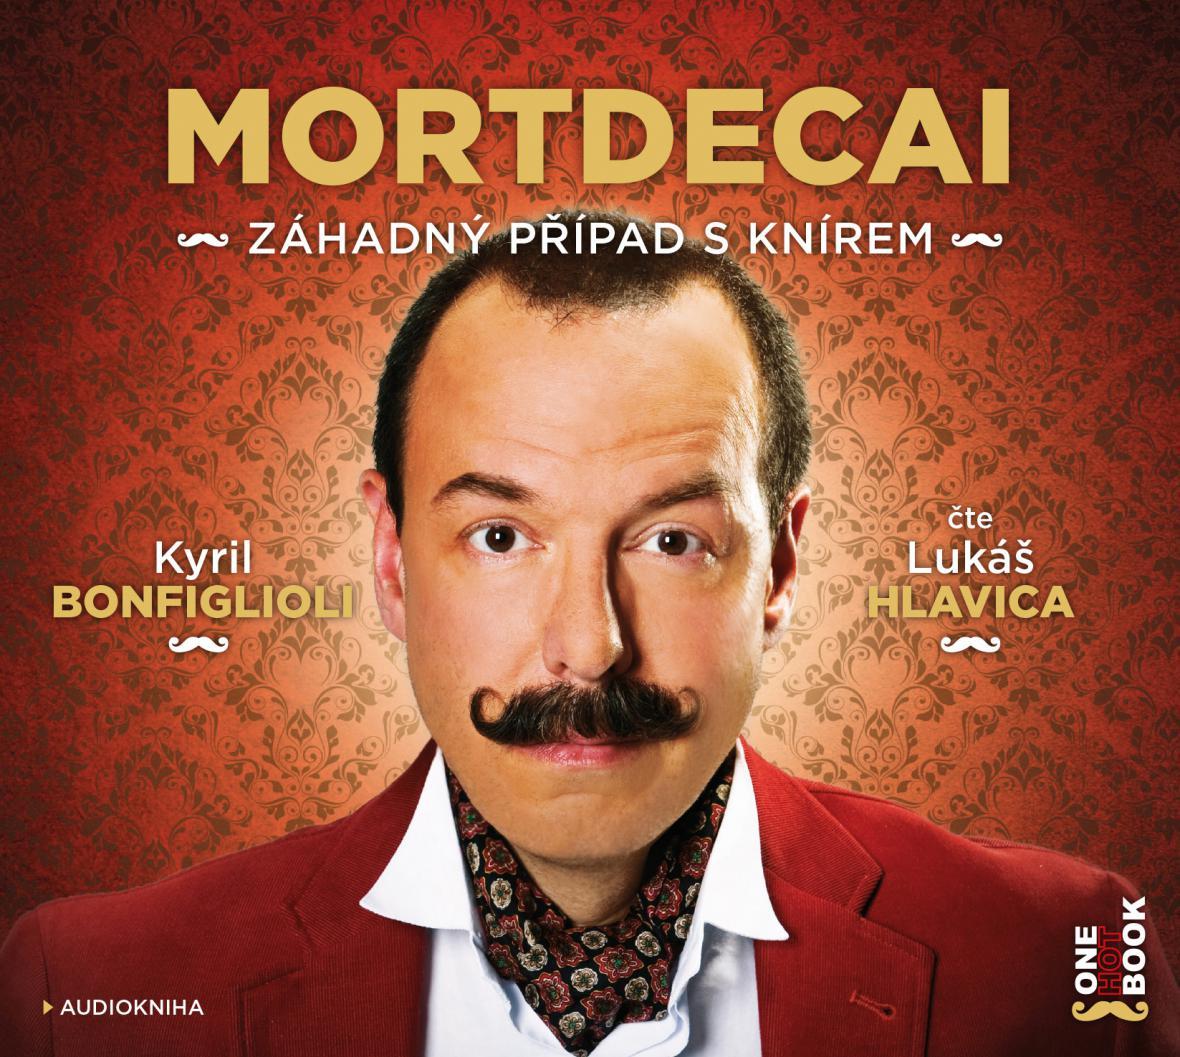 Mortdecai – Záhadný případ s knírem (audiokniha)